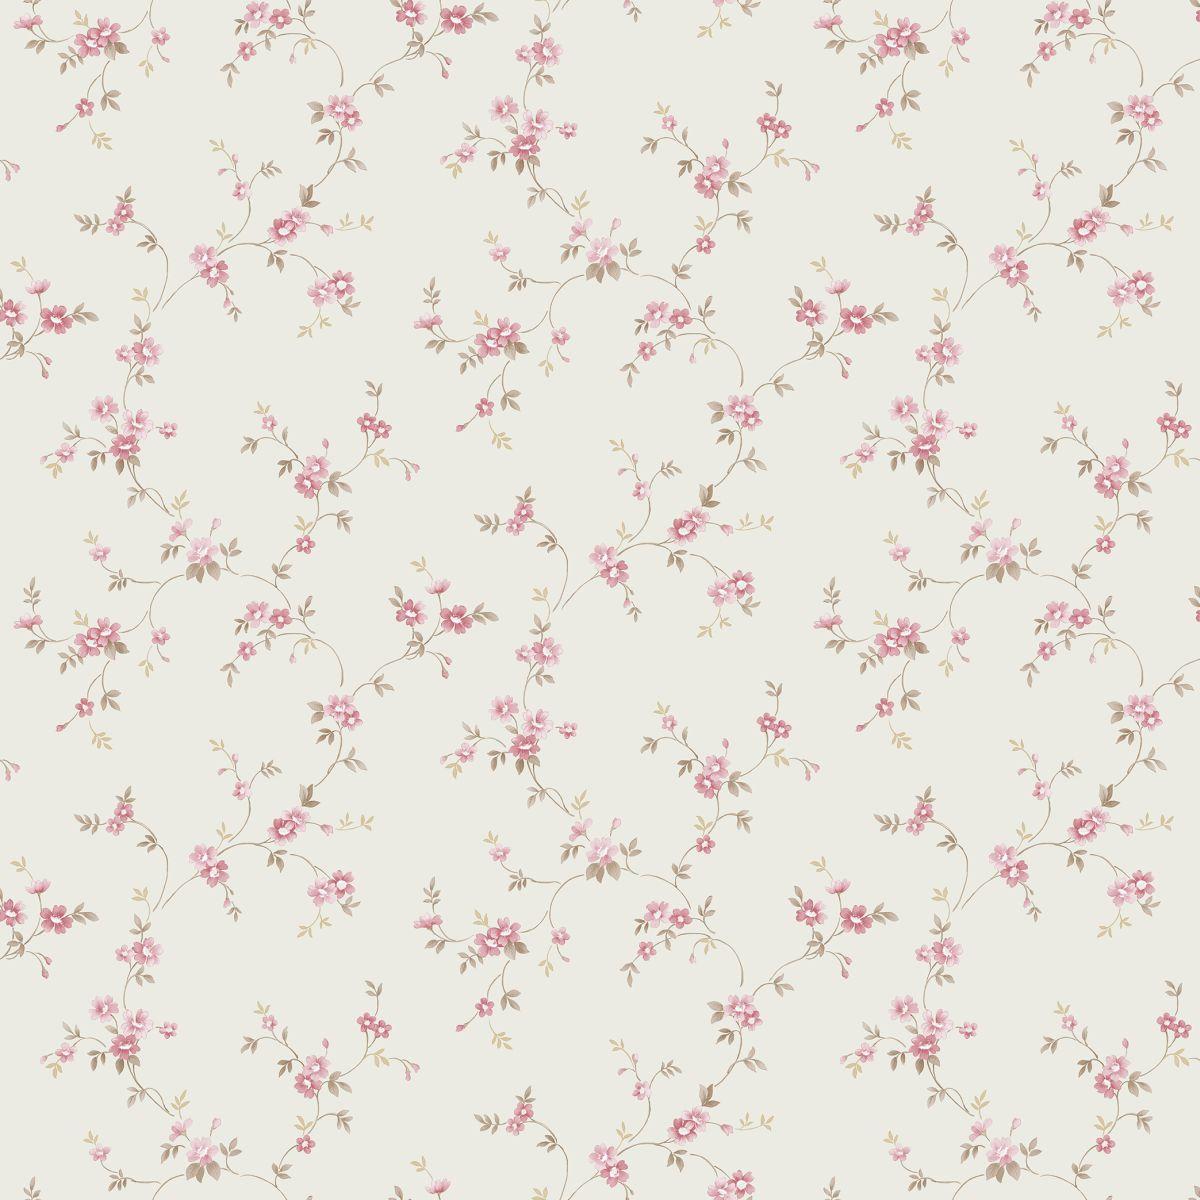 Full Size of Landhaus Tapete Floral Prints Pr33834 2 Bett Landhausstil Boxspring Schlafzimmer Weiß Sofa Küche Esstisch Bad Betten Wohnzimmer Regal Wohnzimmer Küchentapete Landhausstil